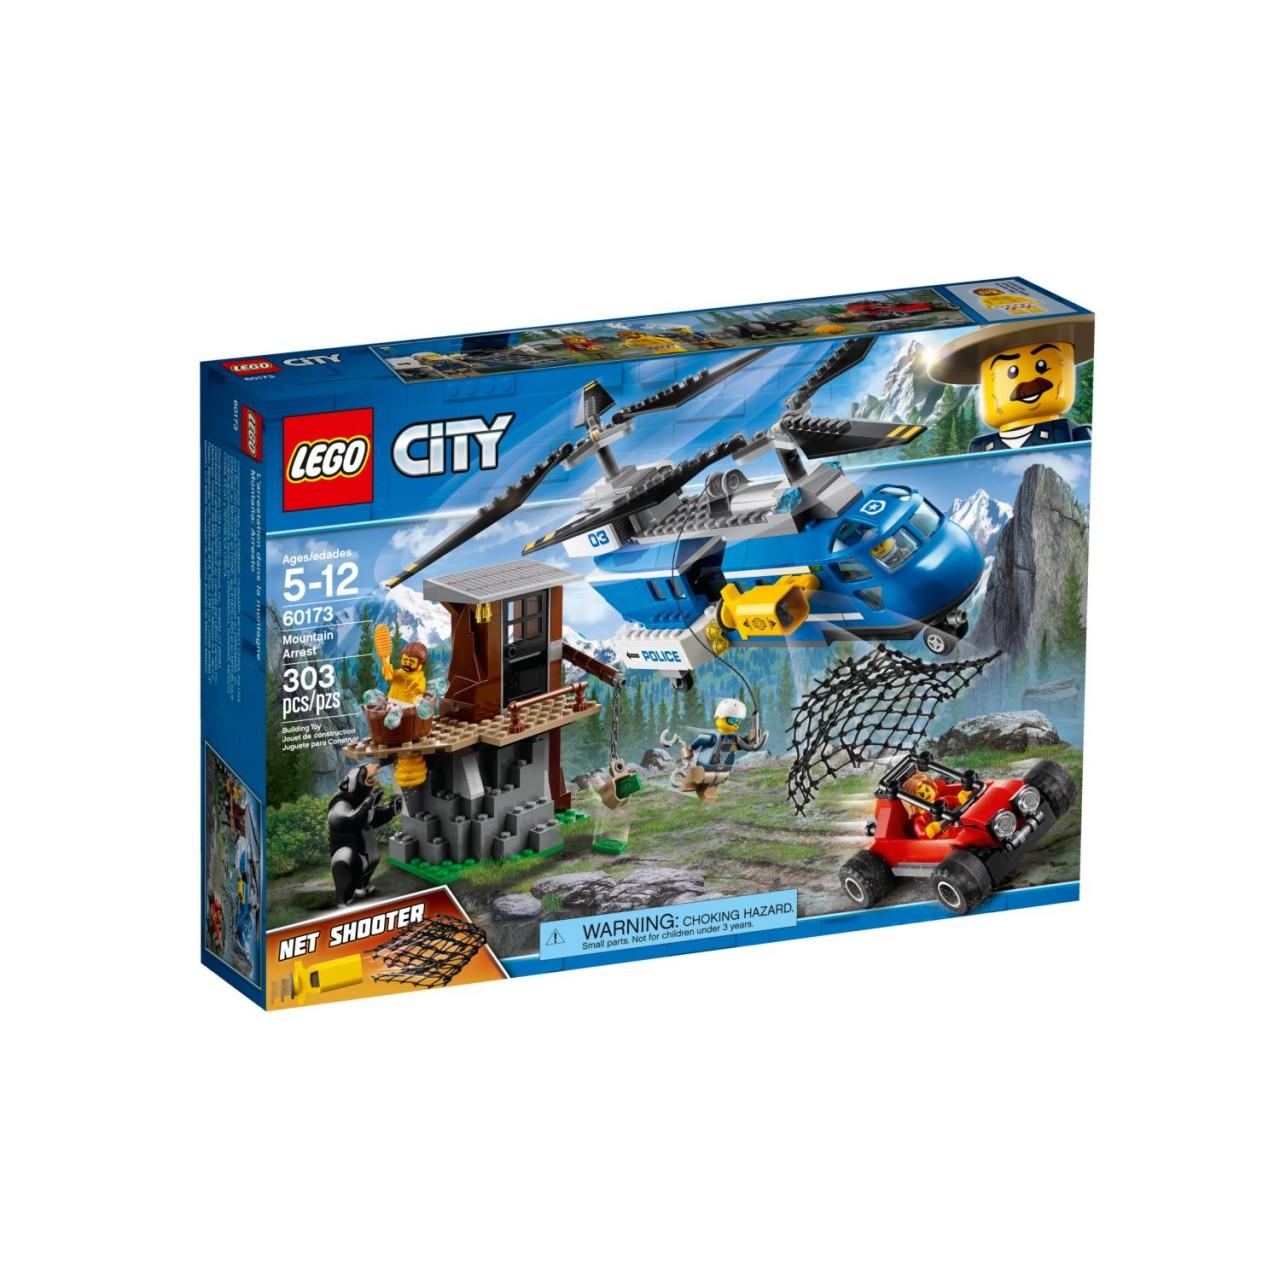 LEGO CITY 60173 Bergpolizei Festnahme in den Bergen